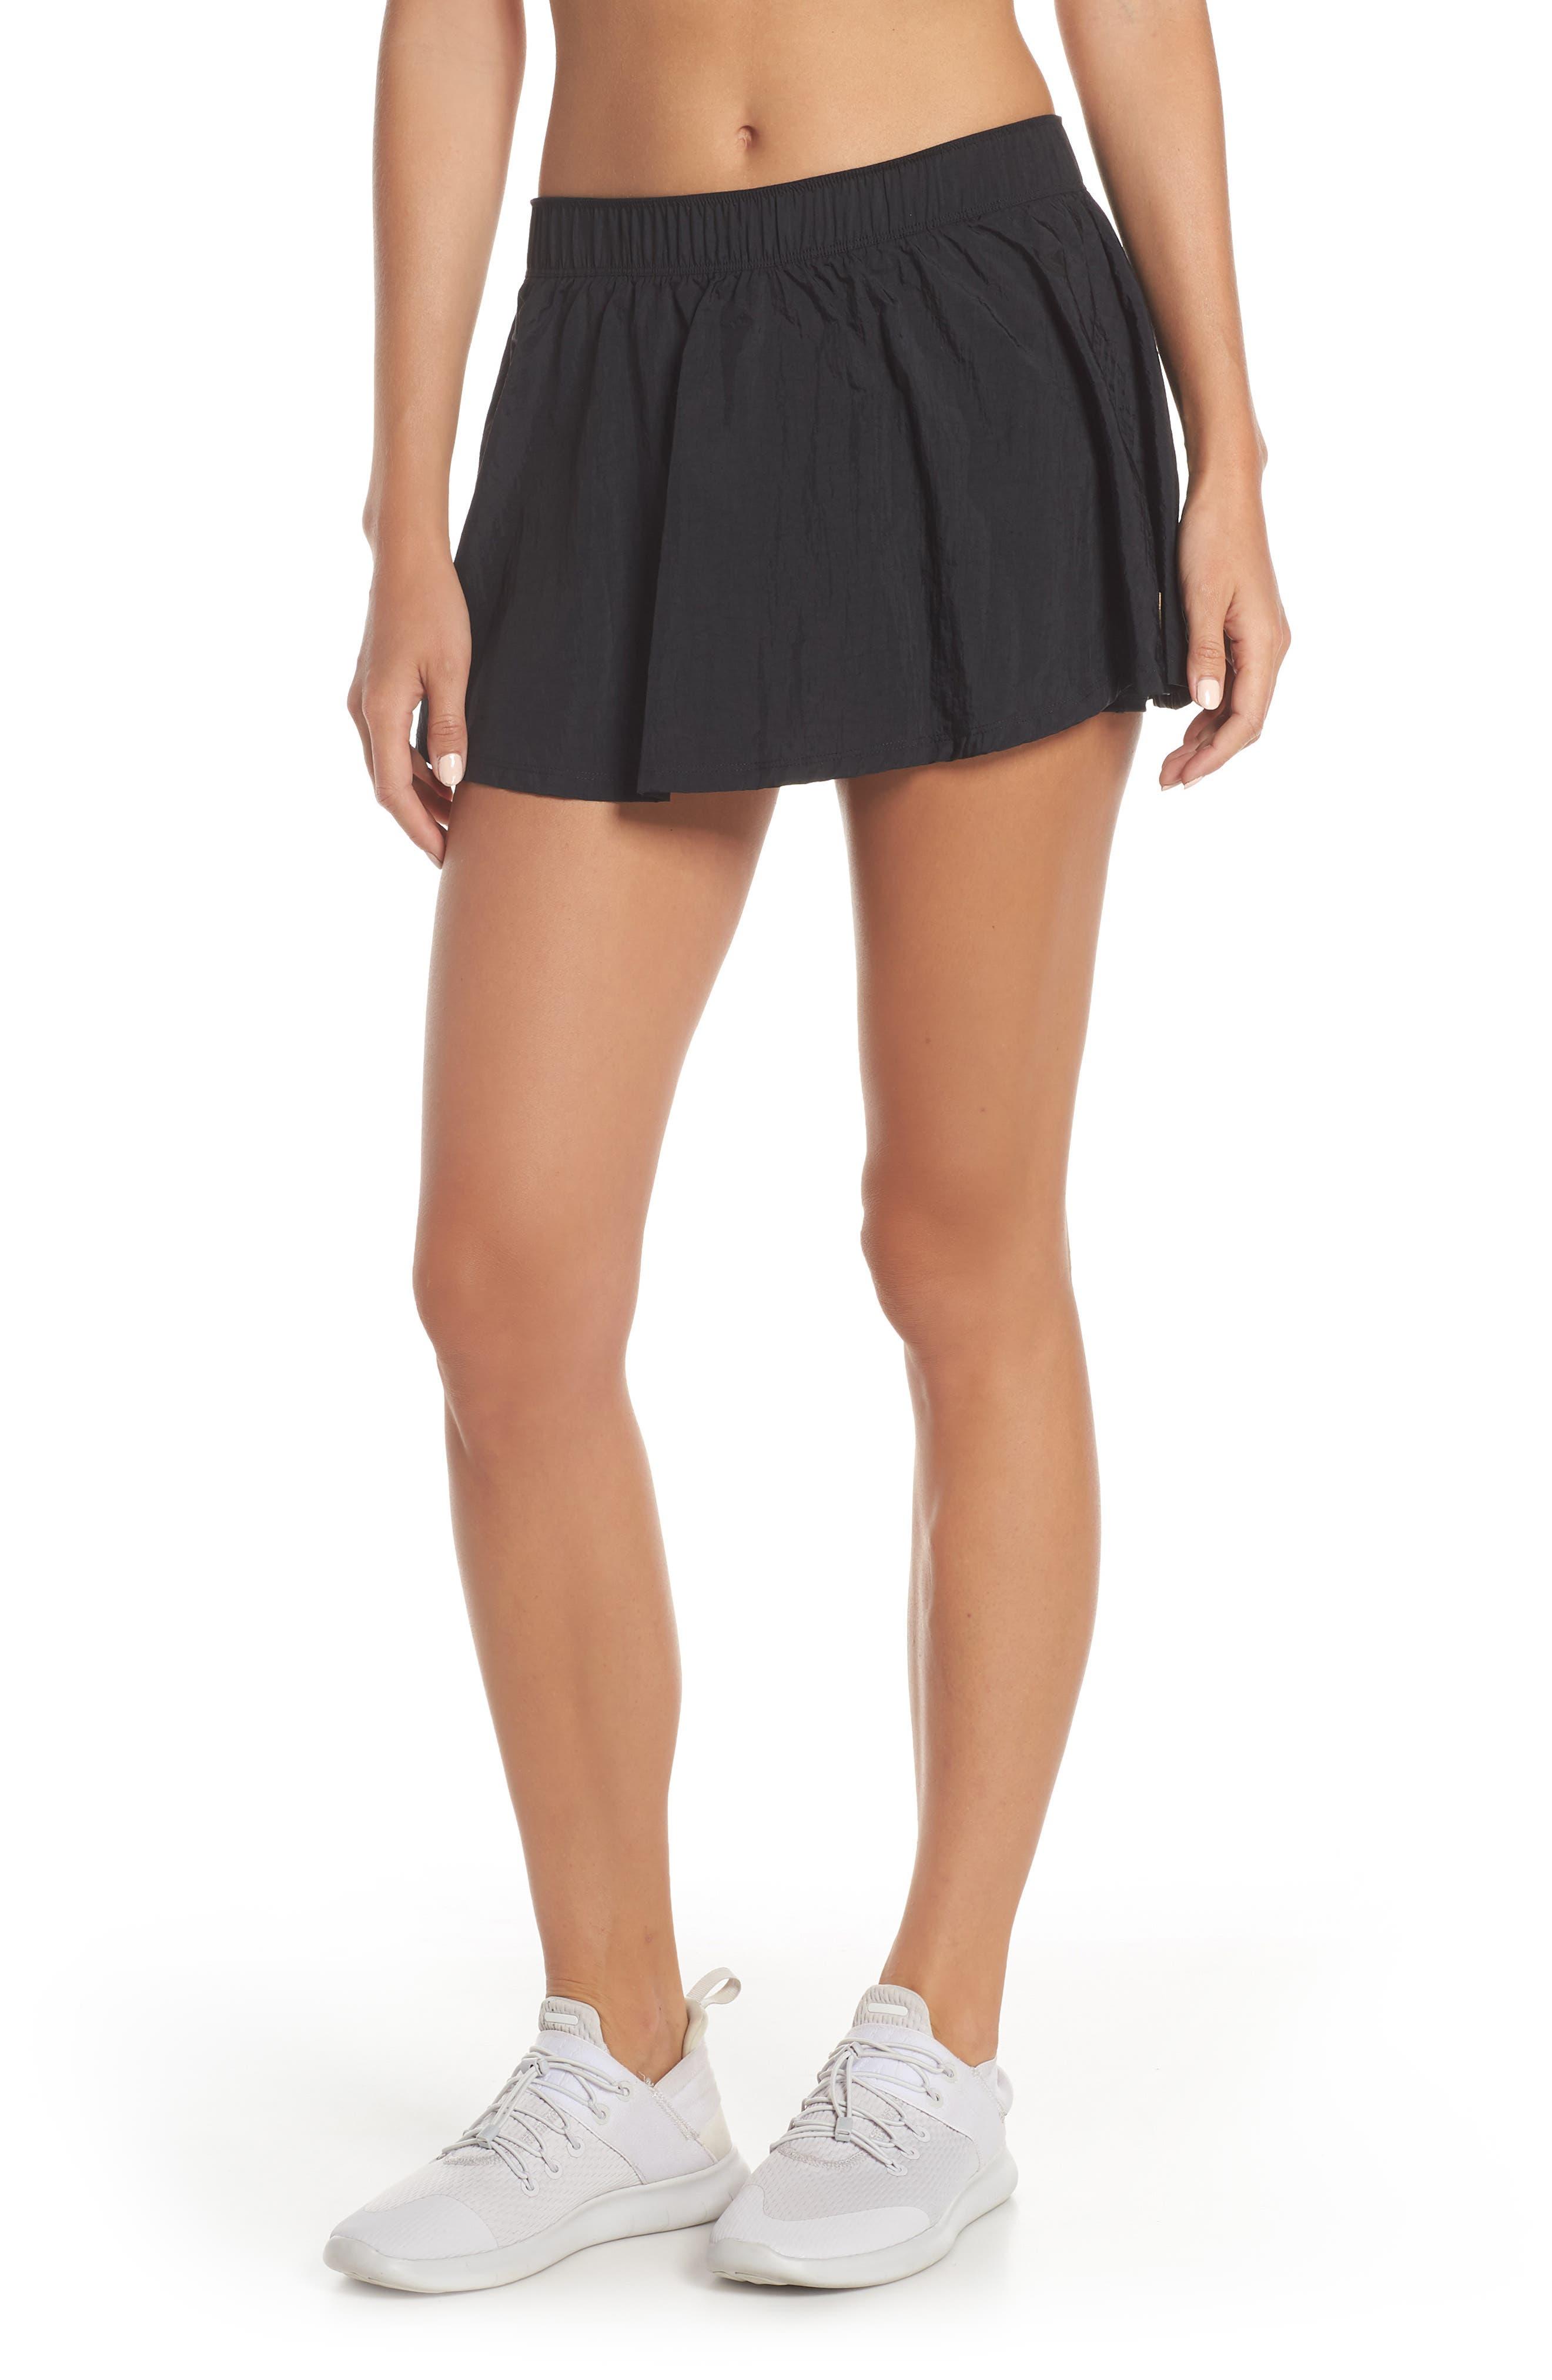 Nike Flex Skirt, Black